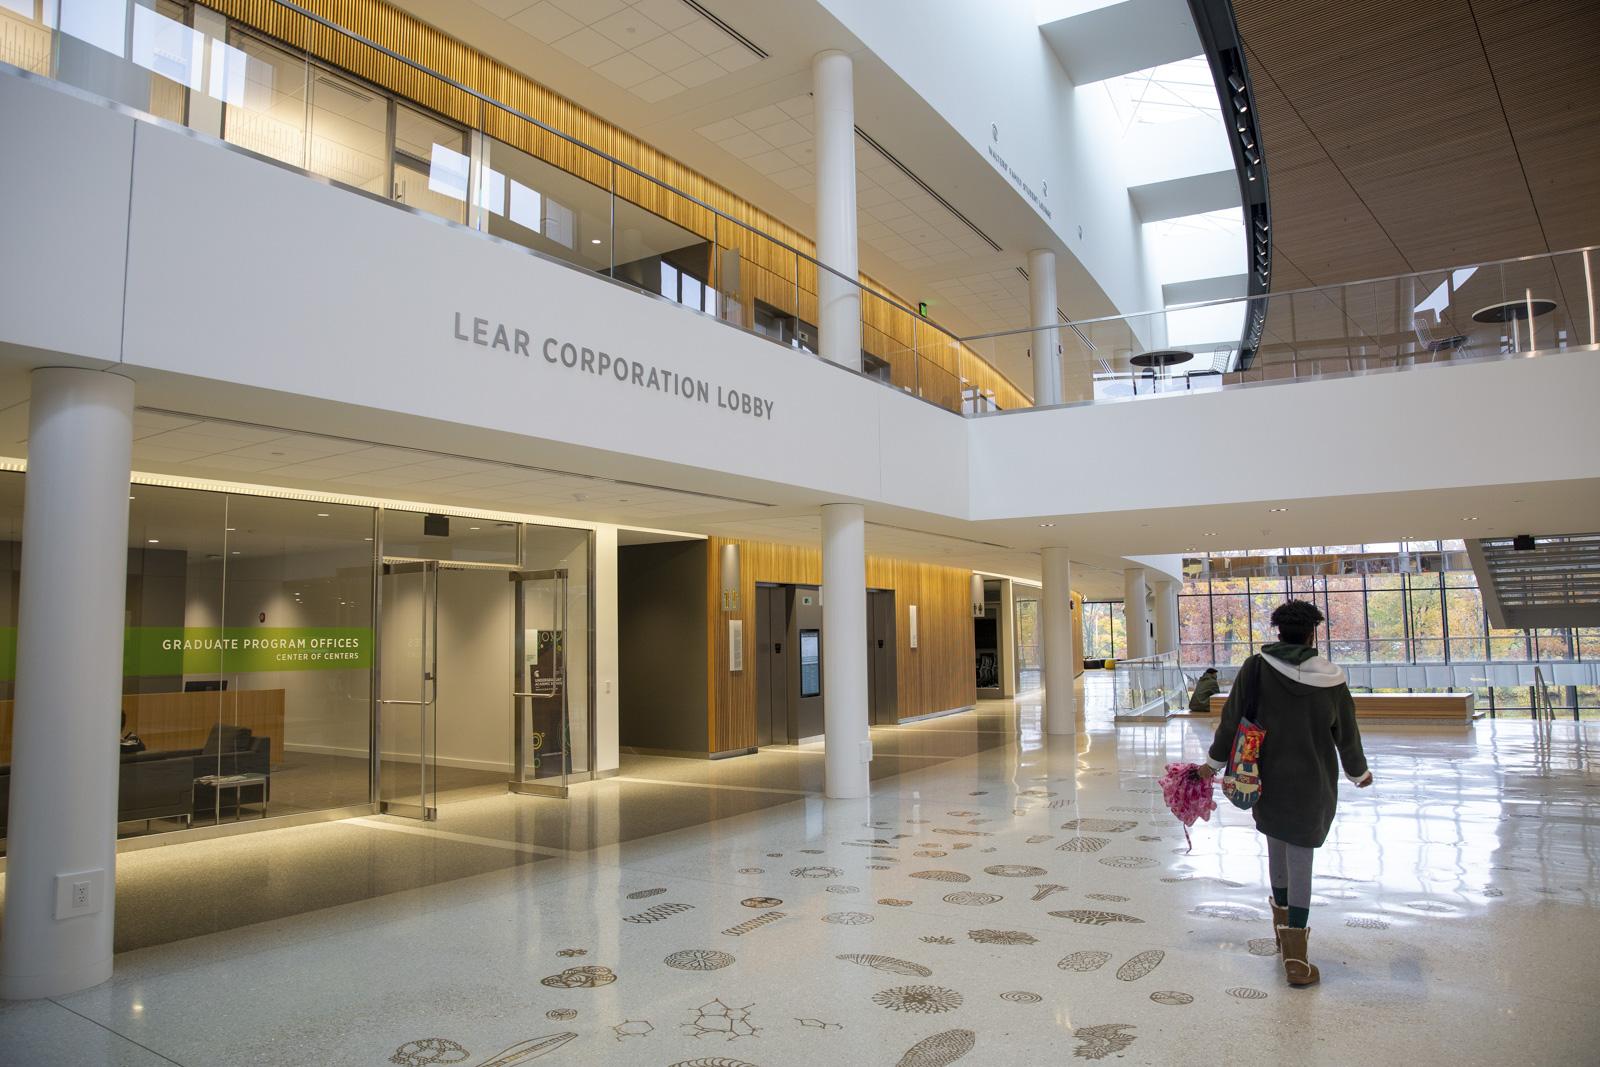 Inside the MSU Minskoff Pavilion lobby